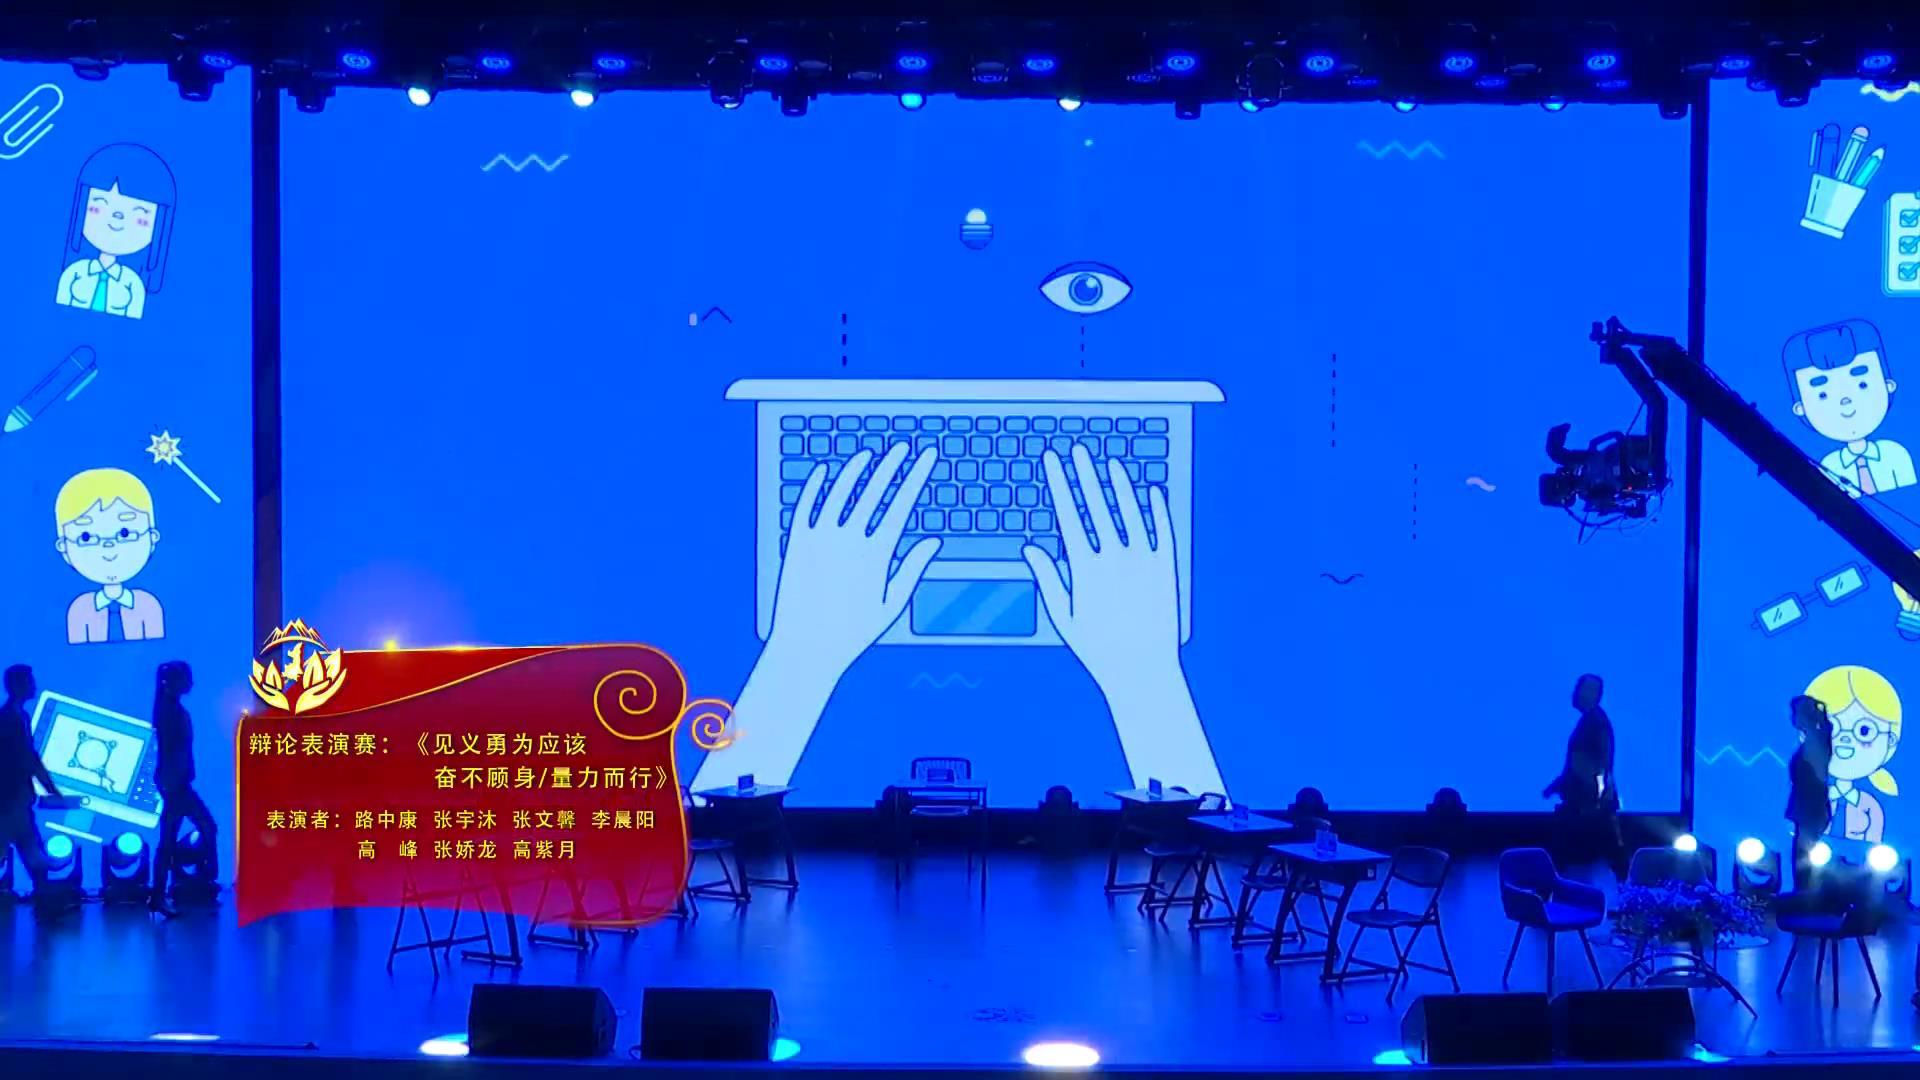 陕西辩论赛[00_00_03][20190220-164020].jpg